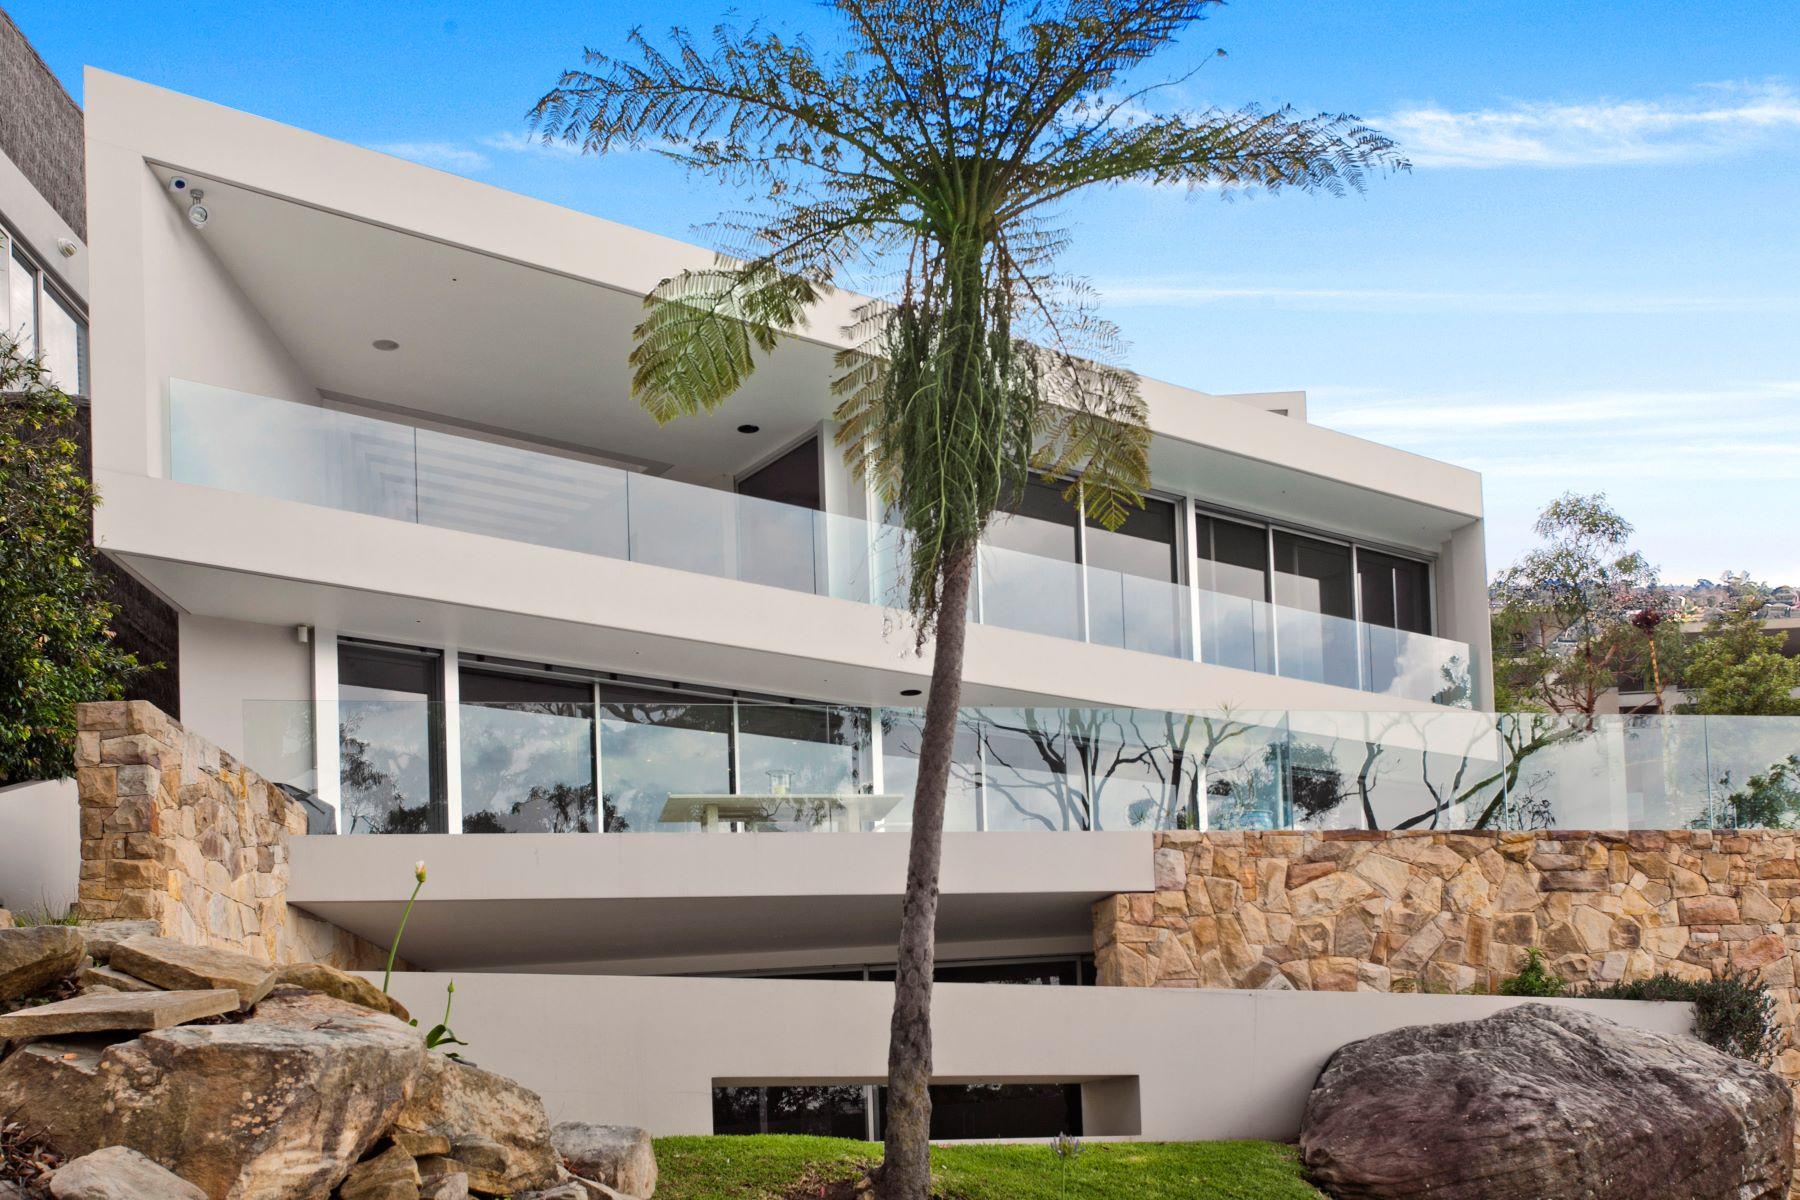 獨棟家庭住宅 為 出售 在 38 Bay Street, Mosman Sydney, New South Wales, 2088 澳大利亞